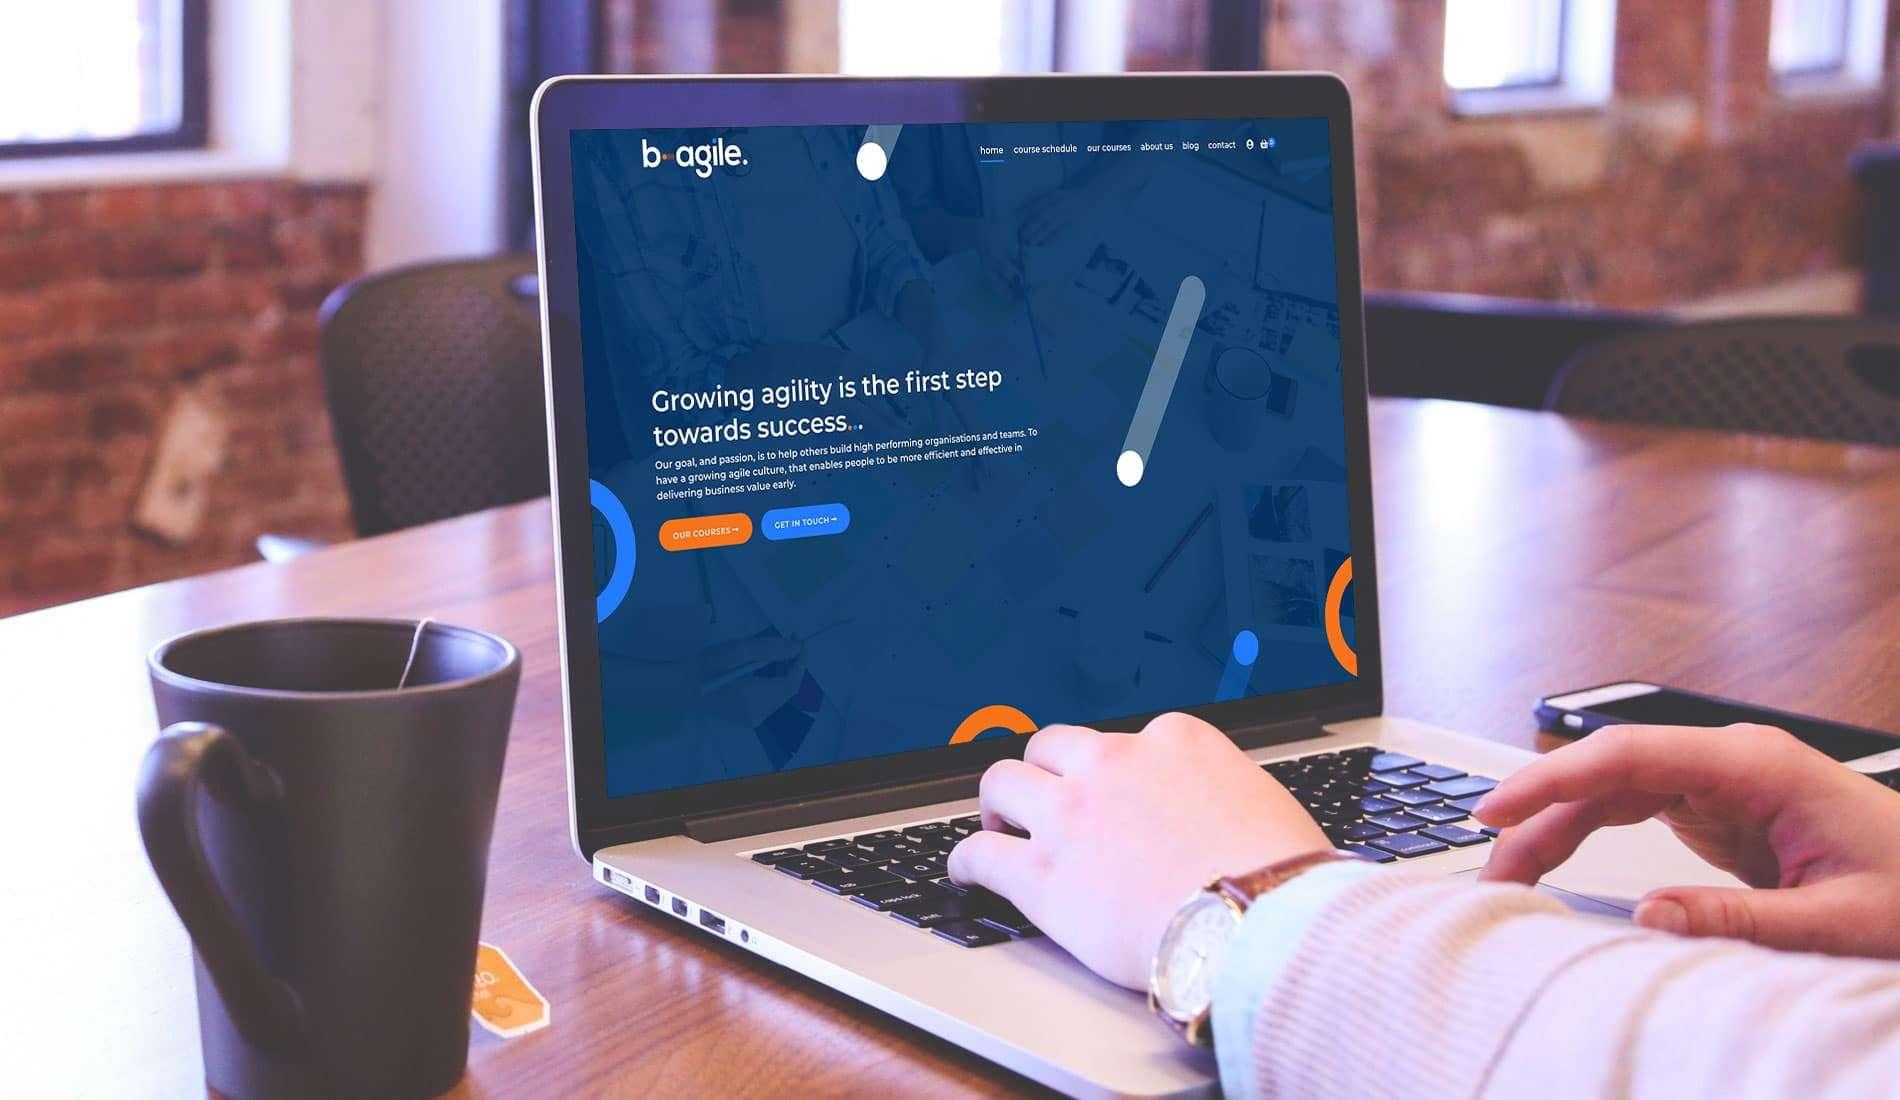 Bagile mocked up on macbook pro in cafe